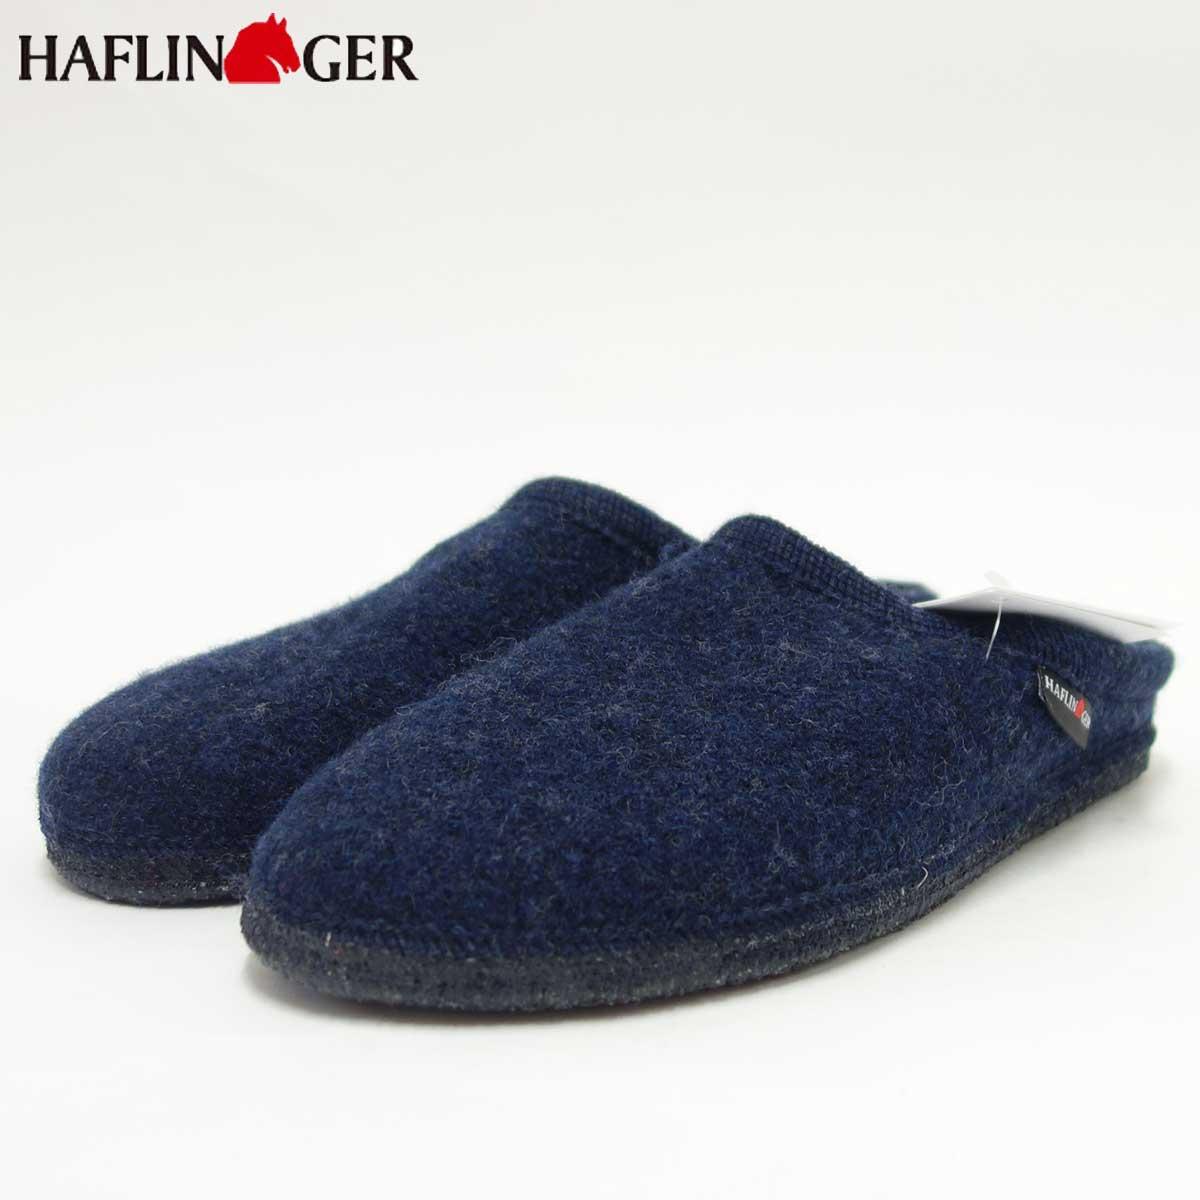 HAFLINGER ハフリンガー クヌート 61103802 ダークブルー(ユニセックス)足をやさしく包み込む快適ルームシューズ「靴」